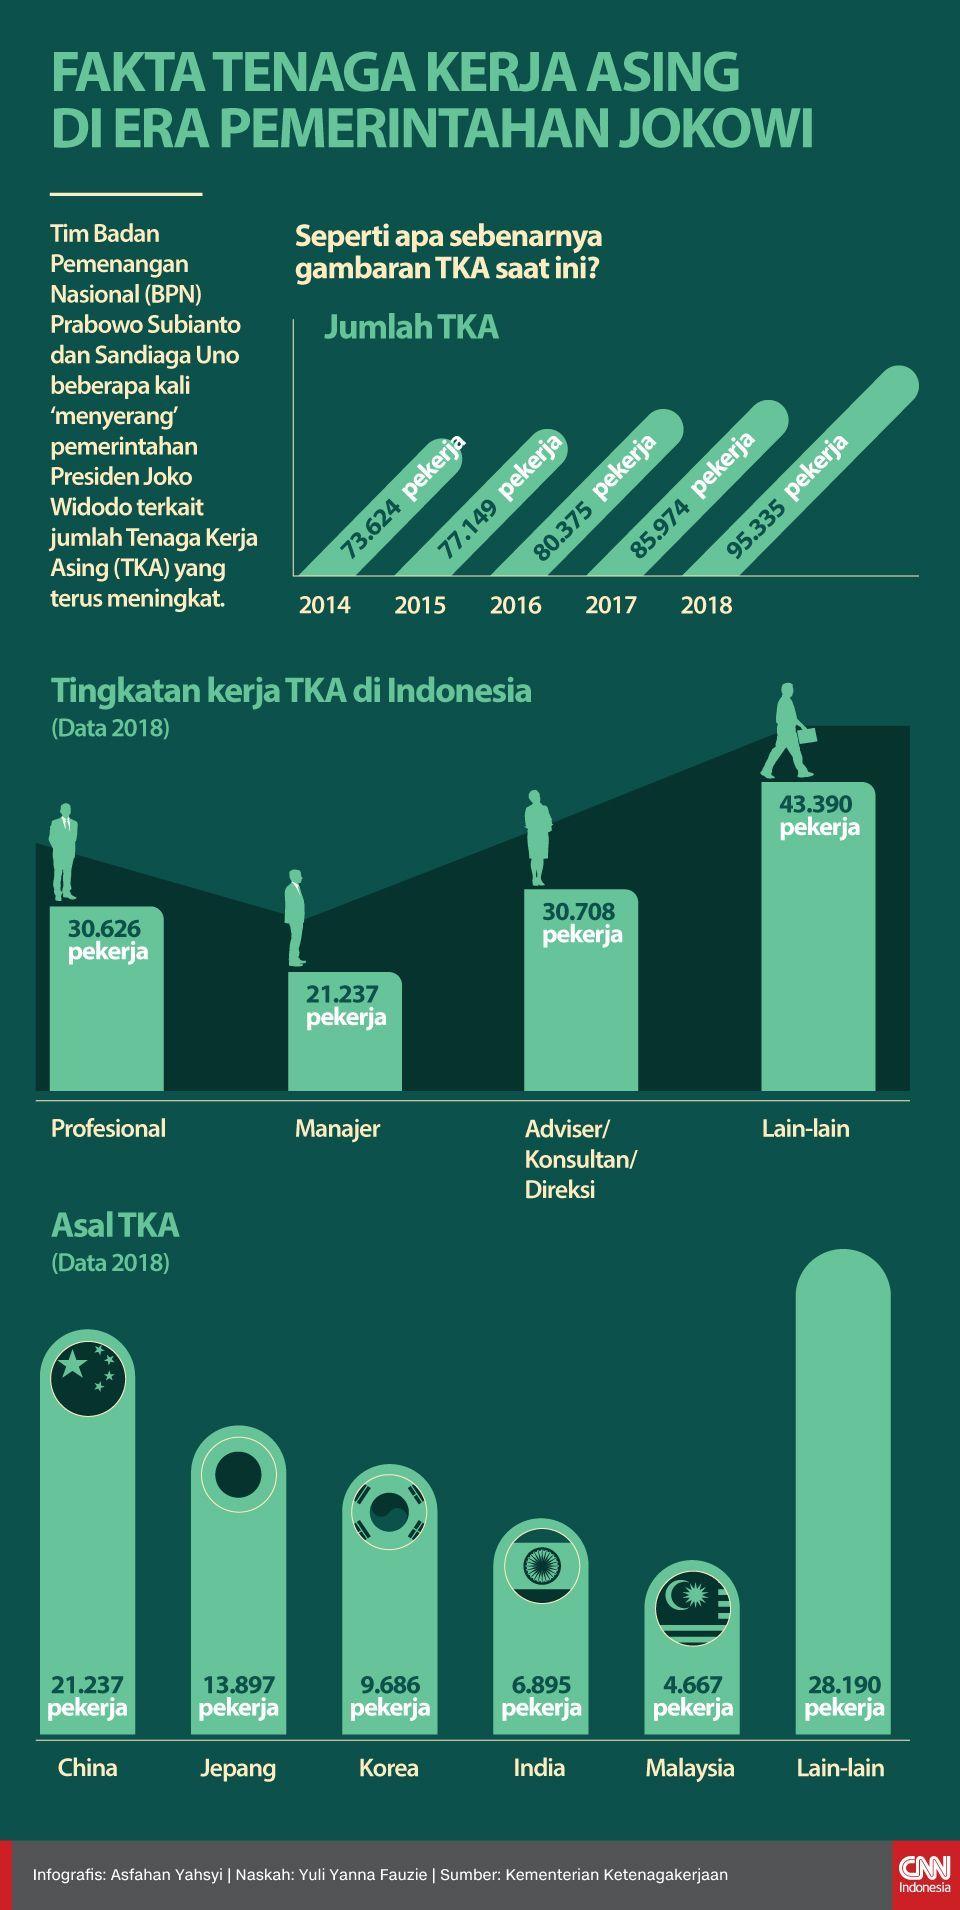 Infografis Fakta Tenaga Kerja Asing di Era Pemerintahan Jokowi